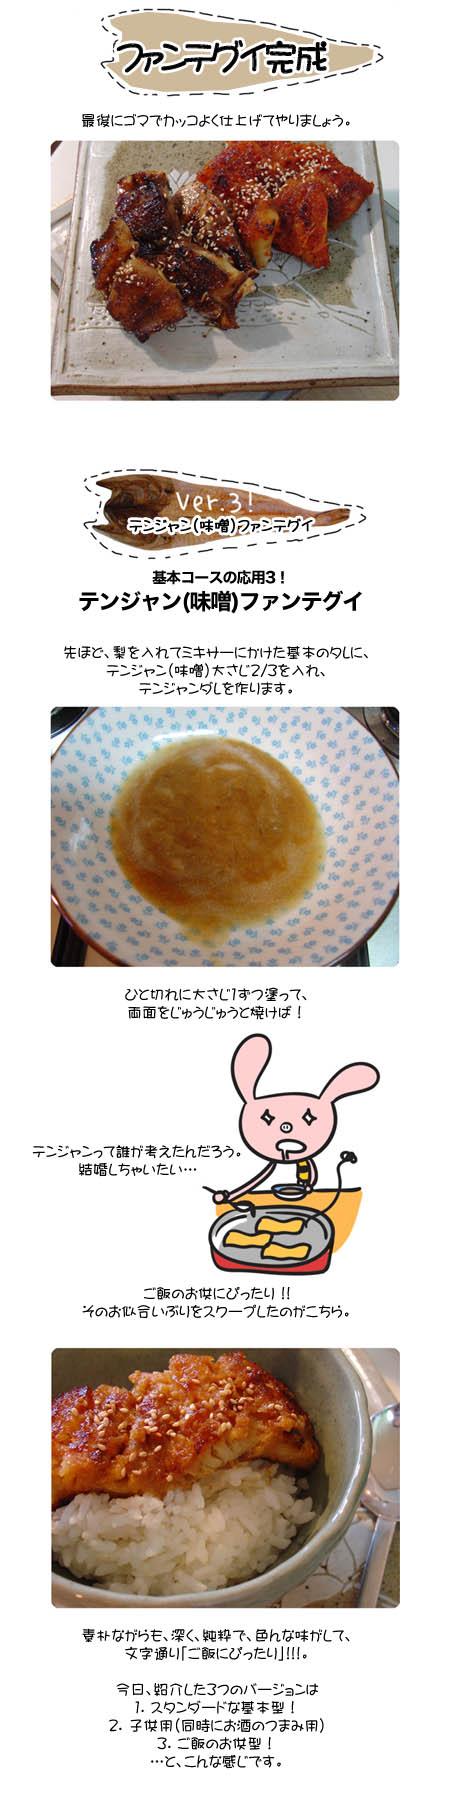 韓国料理のファンテグイ(干しスケトウダラ焼き)